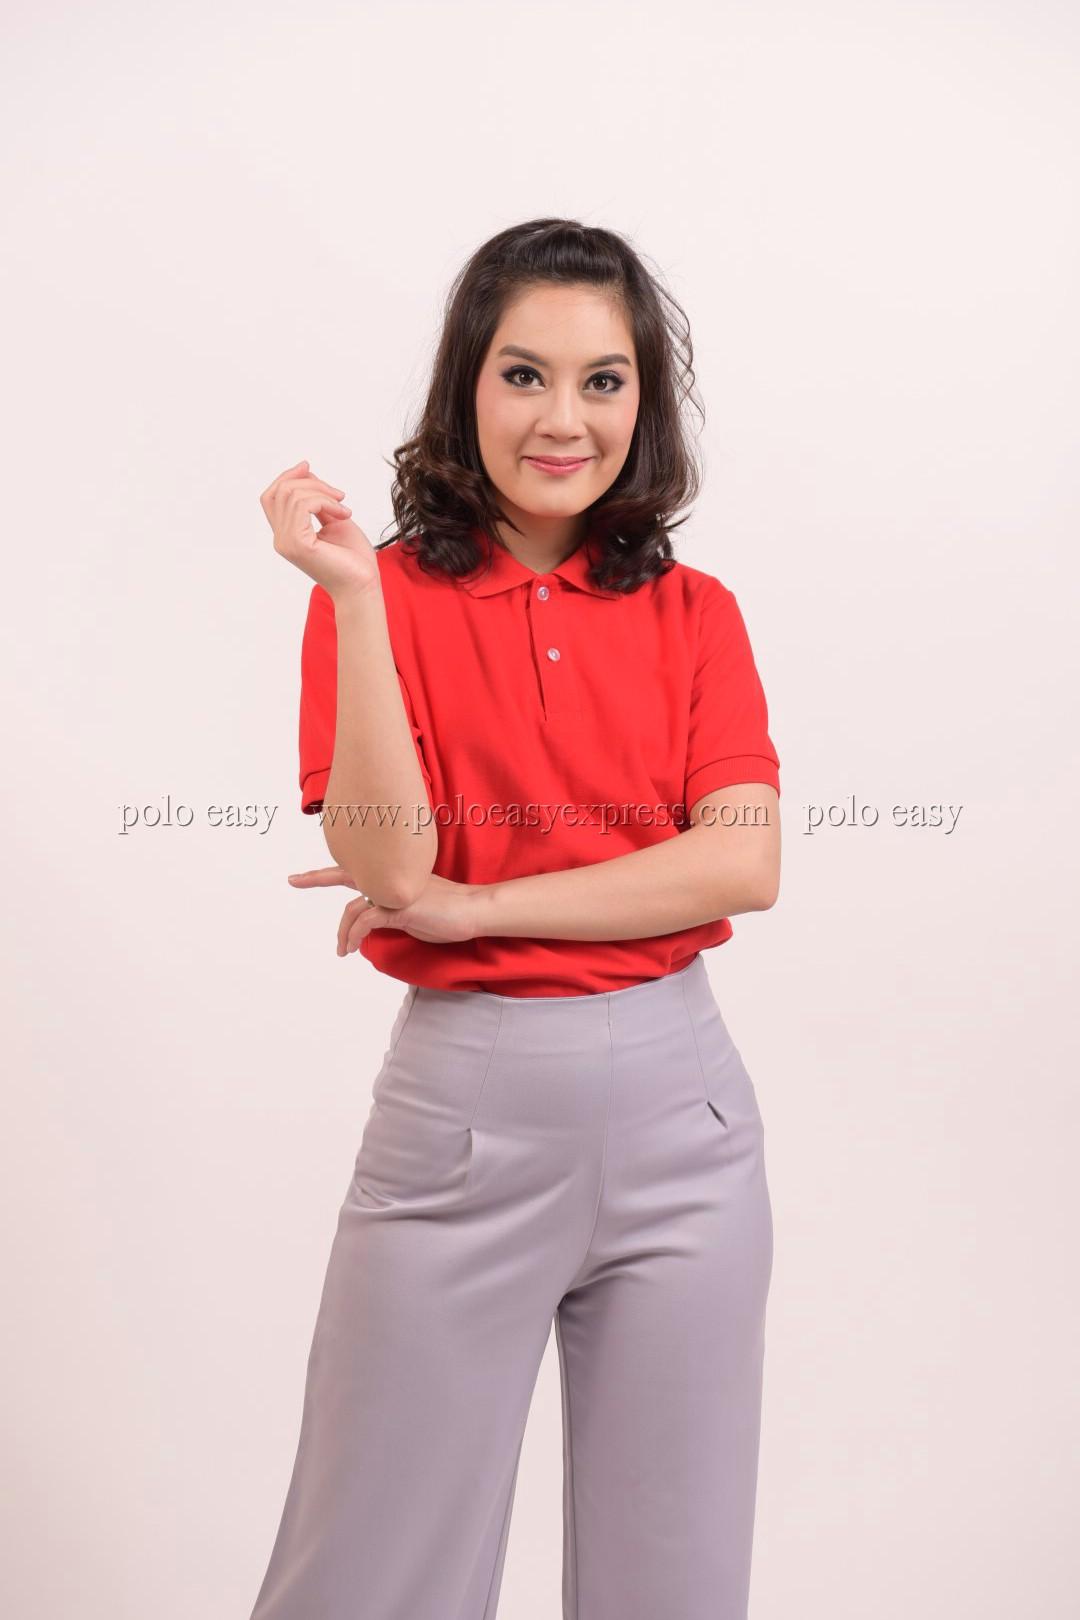 เสื้อโปโล สีแดง TK Premium แขนสั้น ทรงเว้า (หญิง) Size L